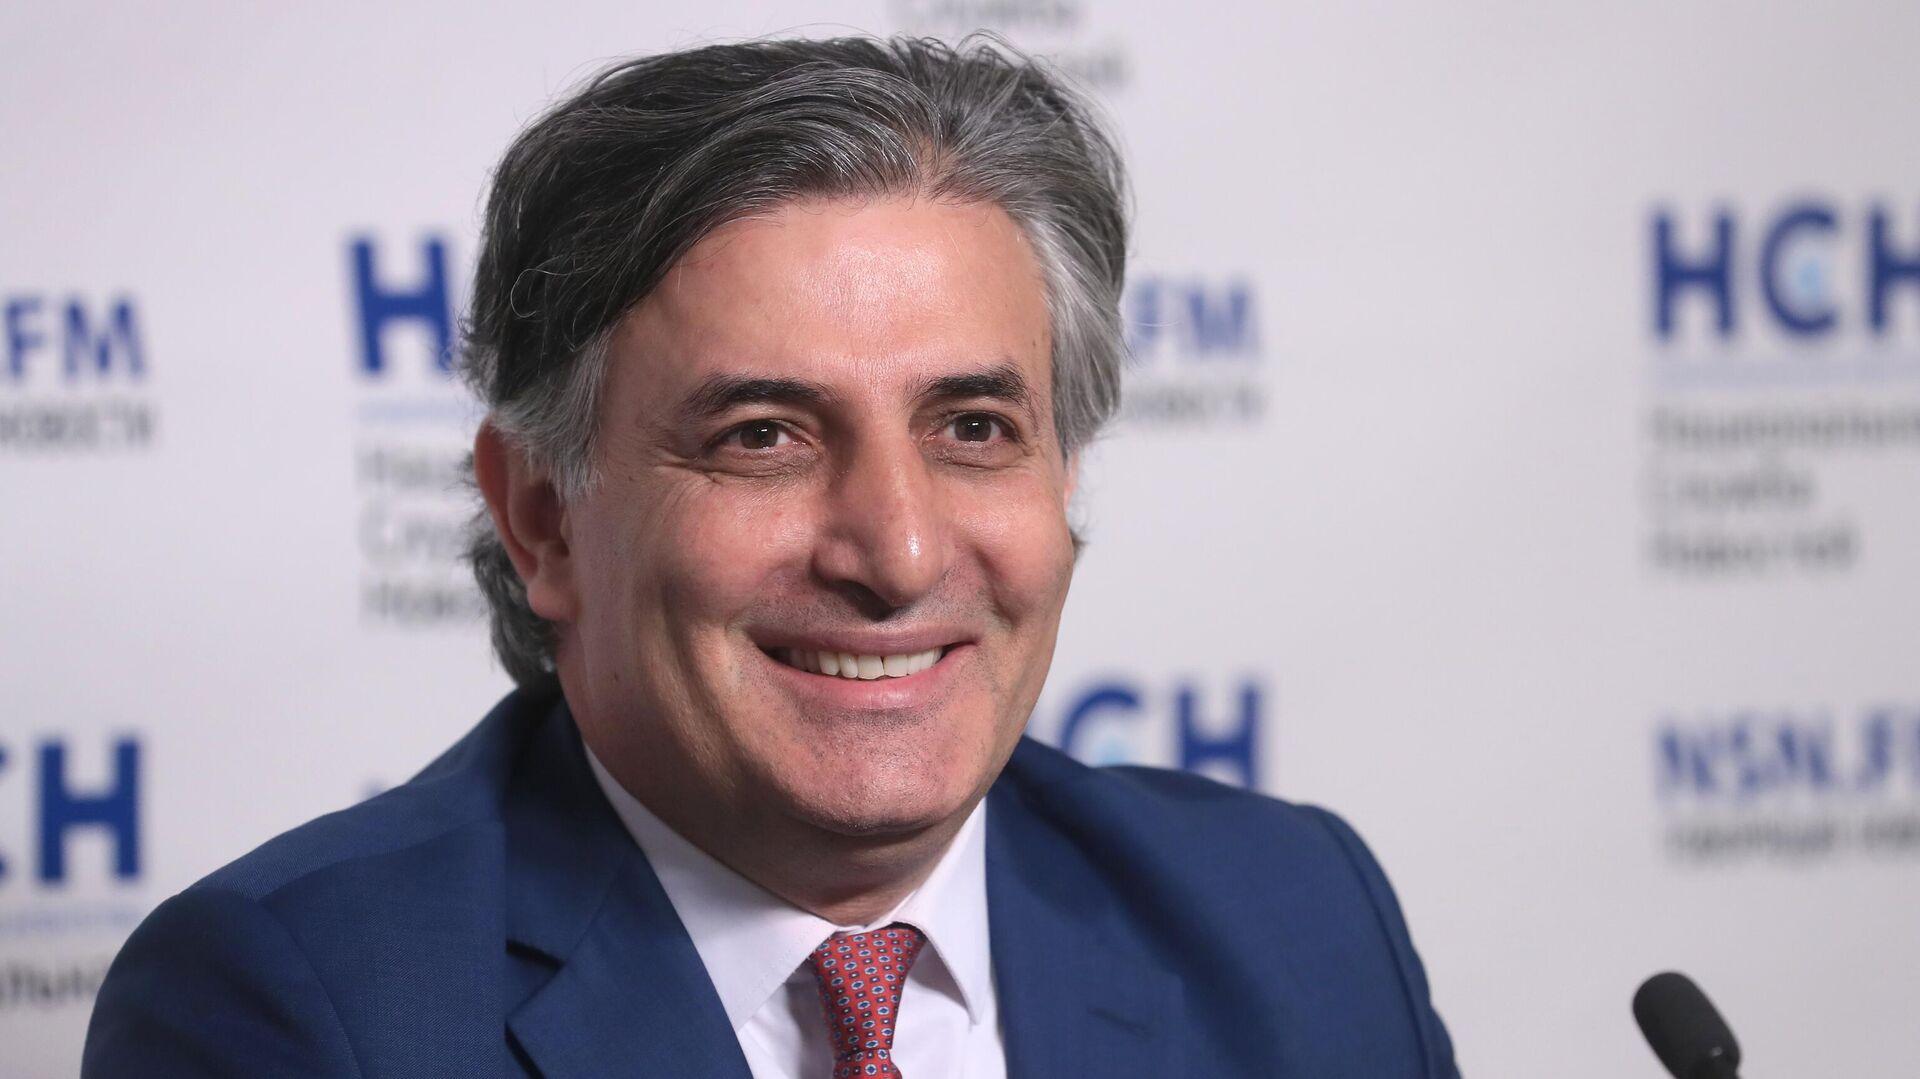 Пашаев рассказал о планах баллотироваться на выборах в Госдуму